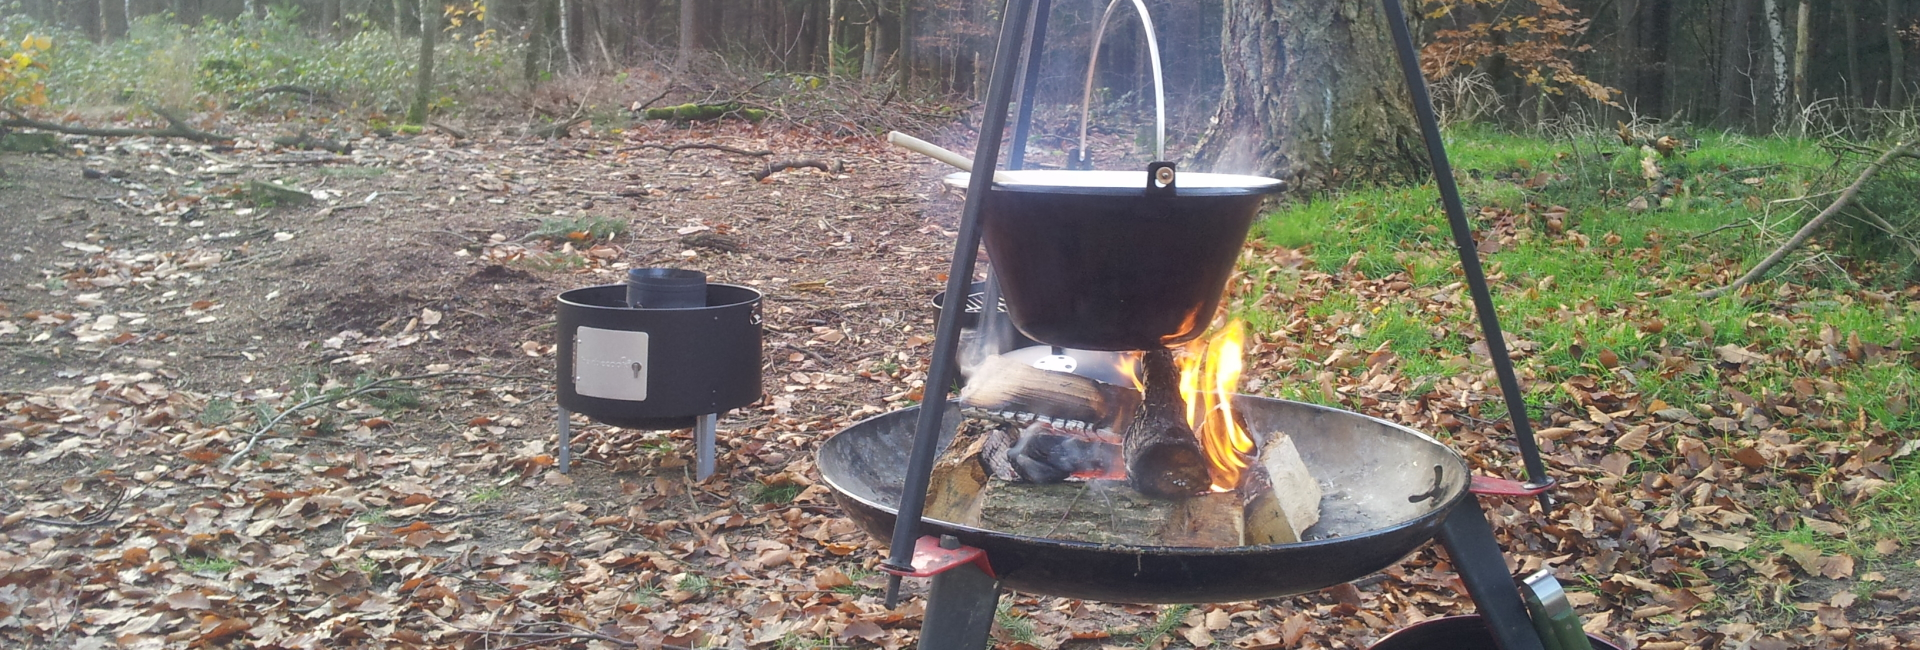 koken bij het vuur